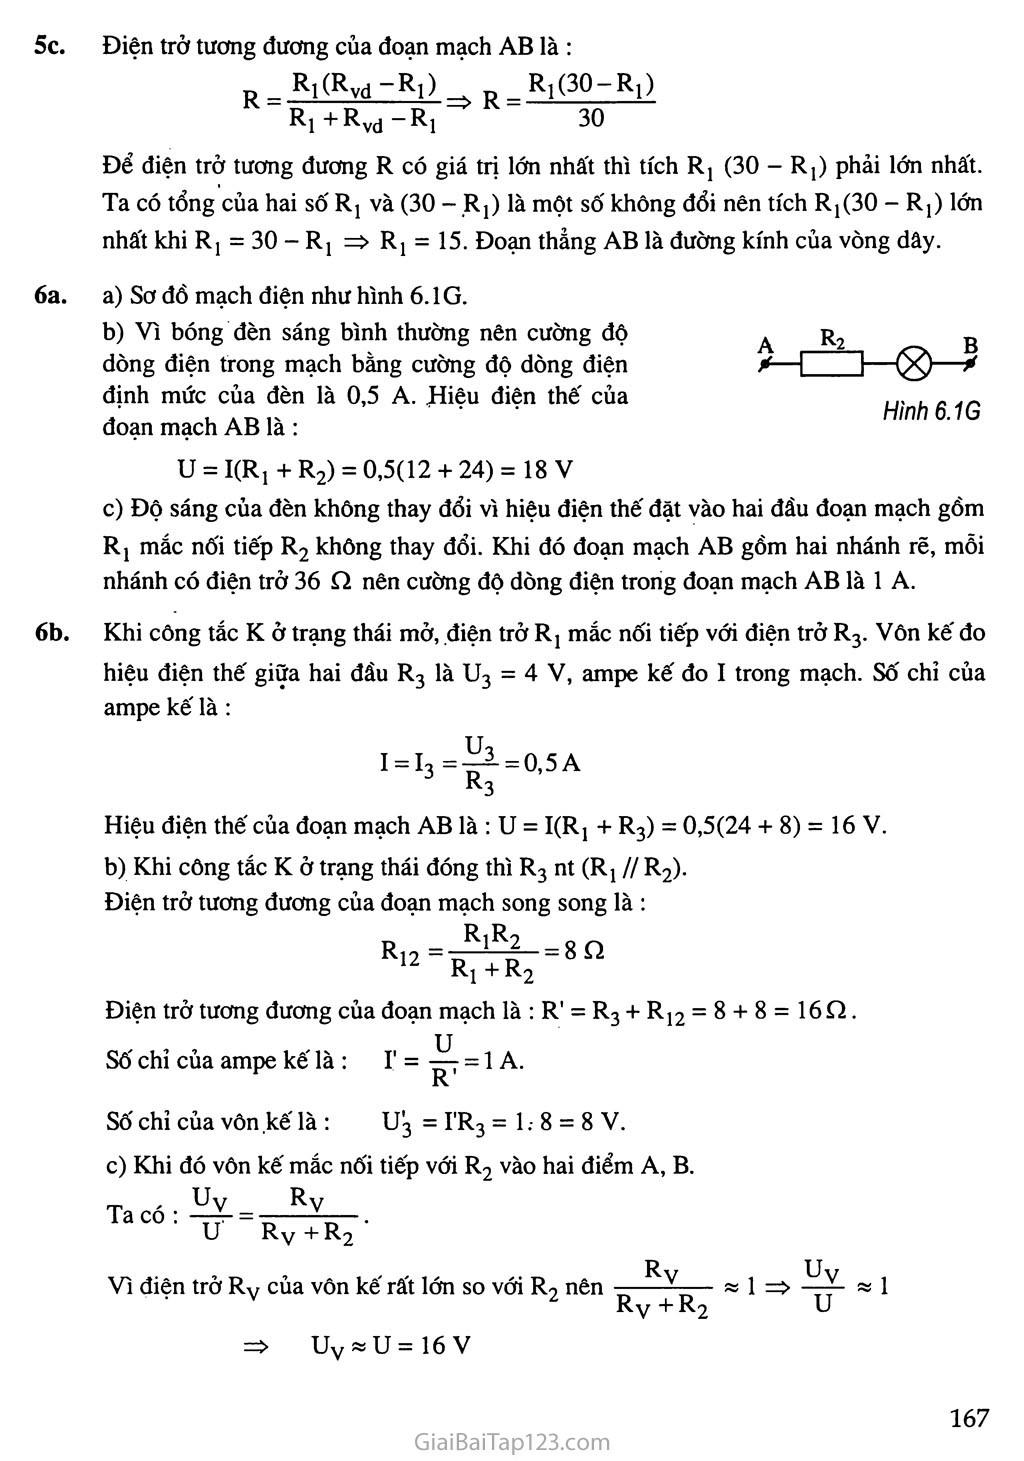 Hướng dẫn giải các bài tập bổ sung trang 3